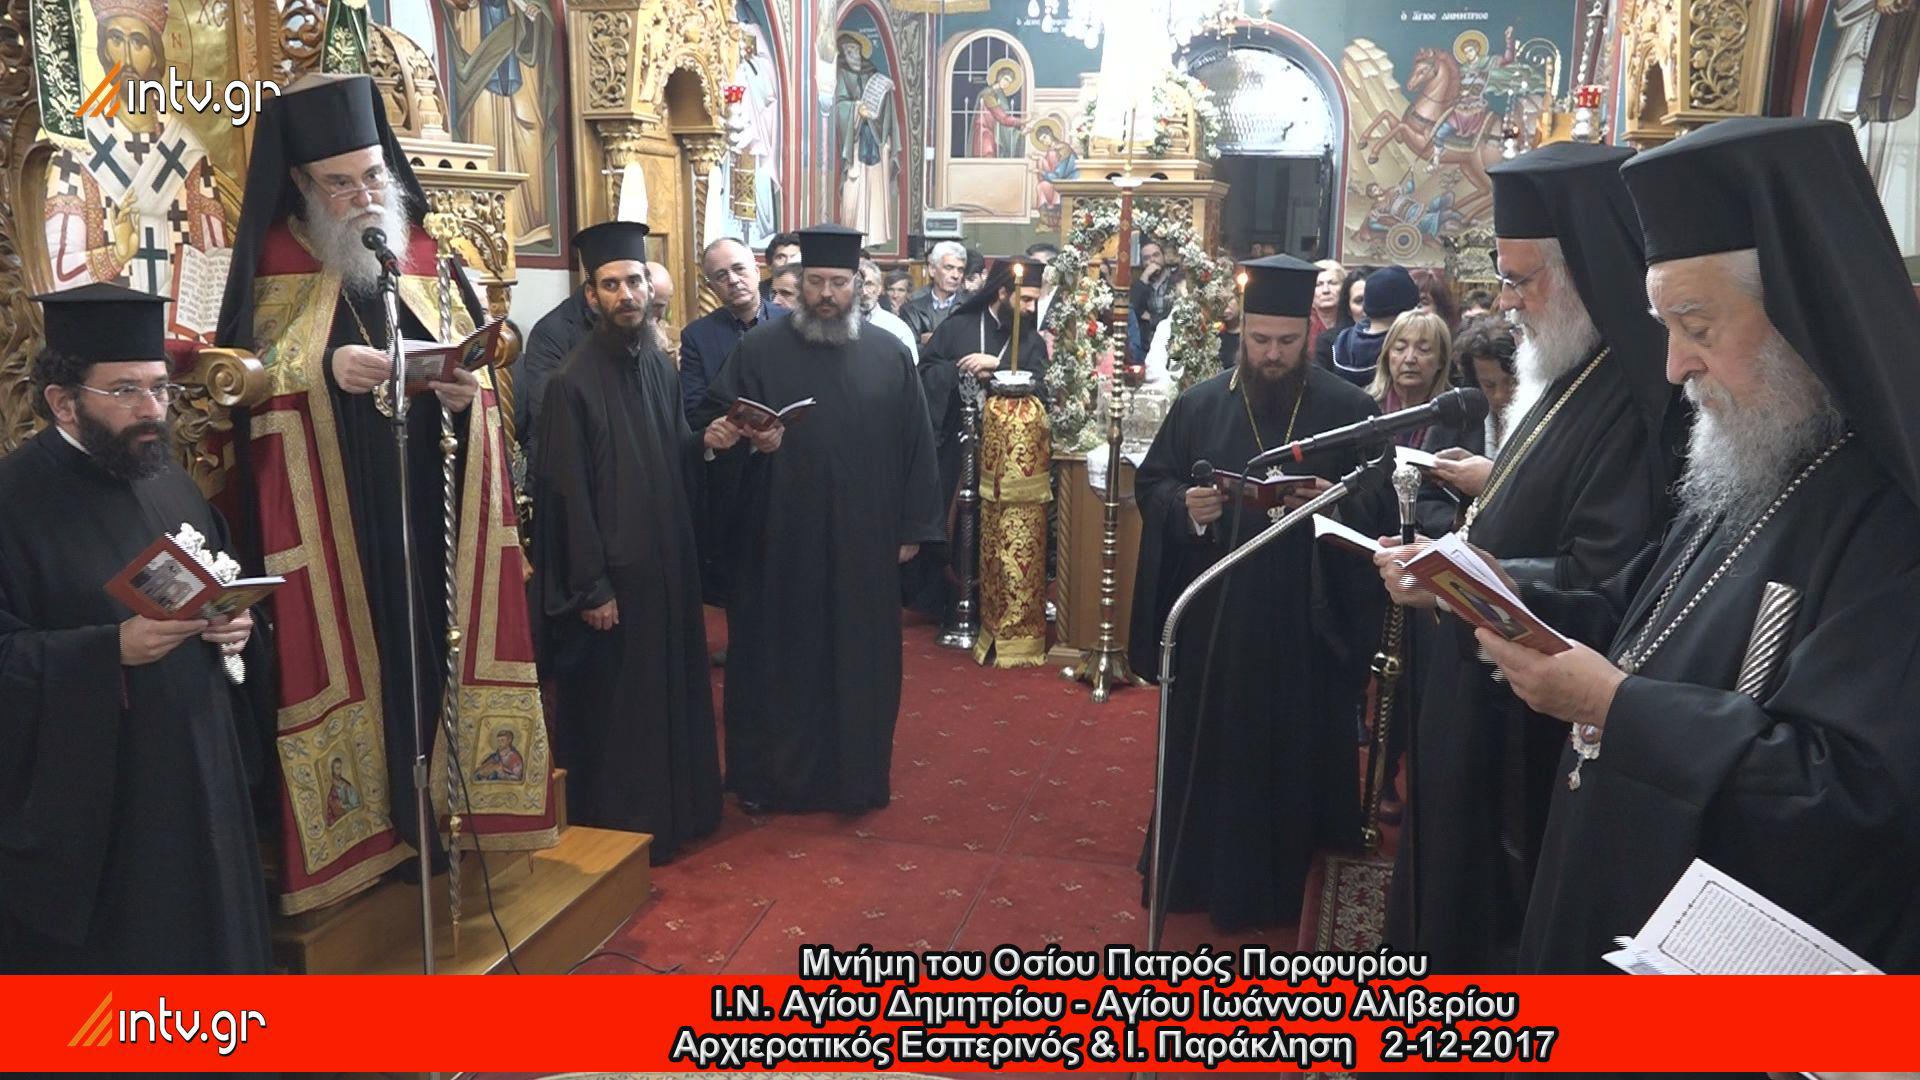 Μνήμη του Οσίου Πατρός Πορφυρίου Ι.Ν. Αγίου Δημητρίου - Αγίου Ιωάννου Αλιβερίου - Αρχιερατικός Εσπερινός & Ι. Παράκληση 2017